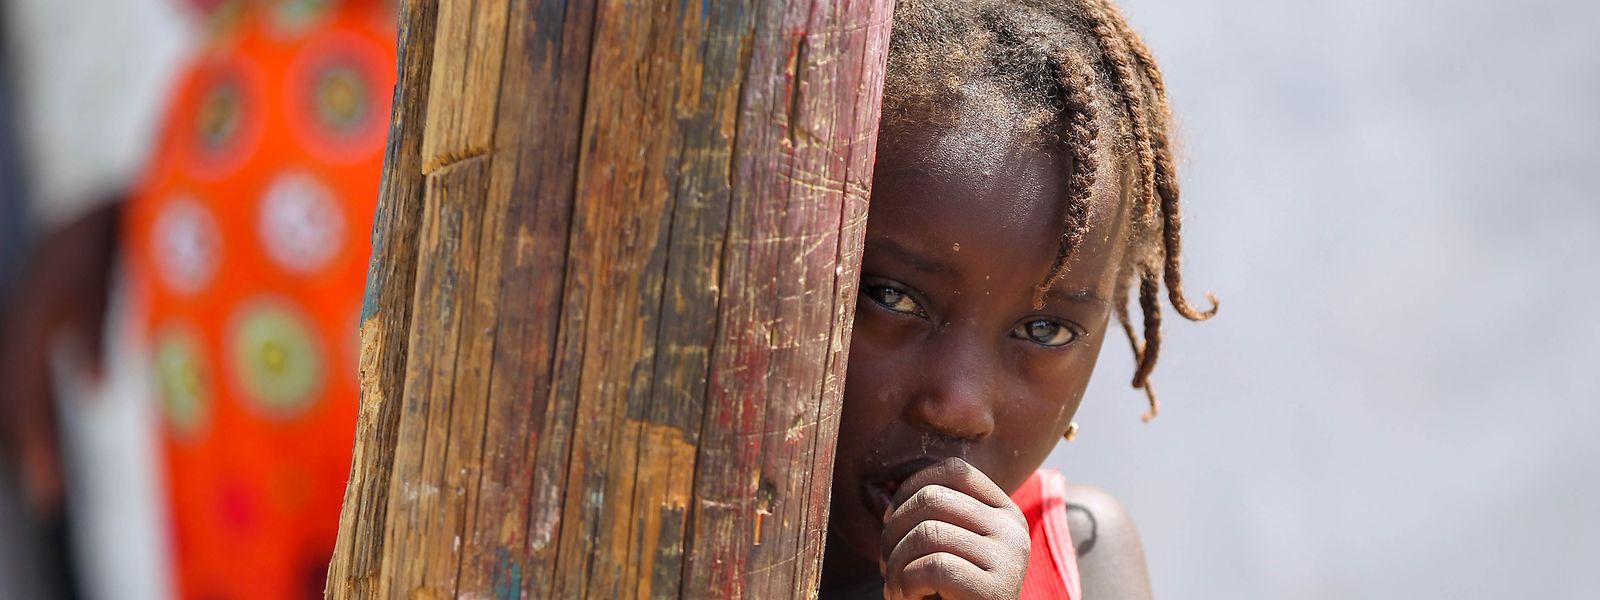 In den Entwicklungsländern ist die Situation wegen der Pandemie besonders angespannt.